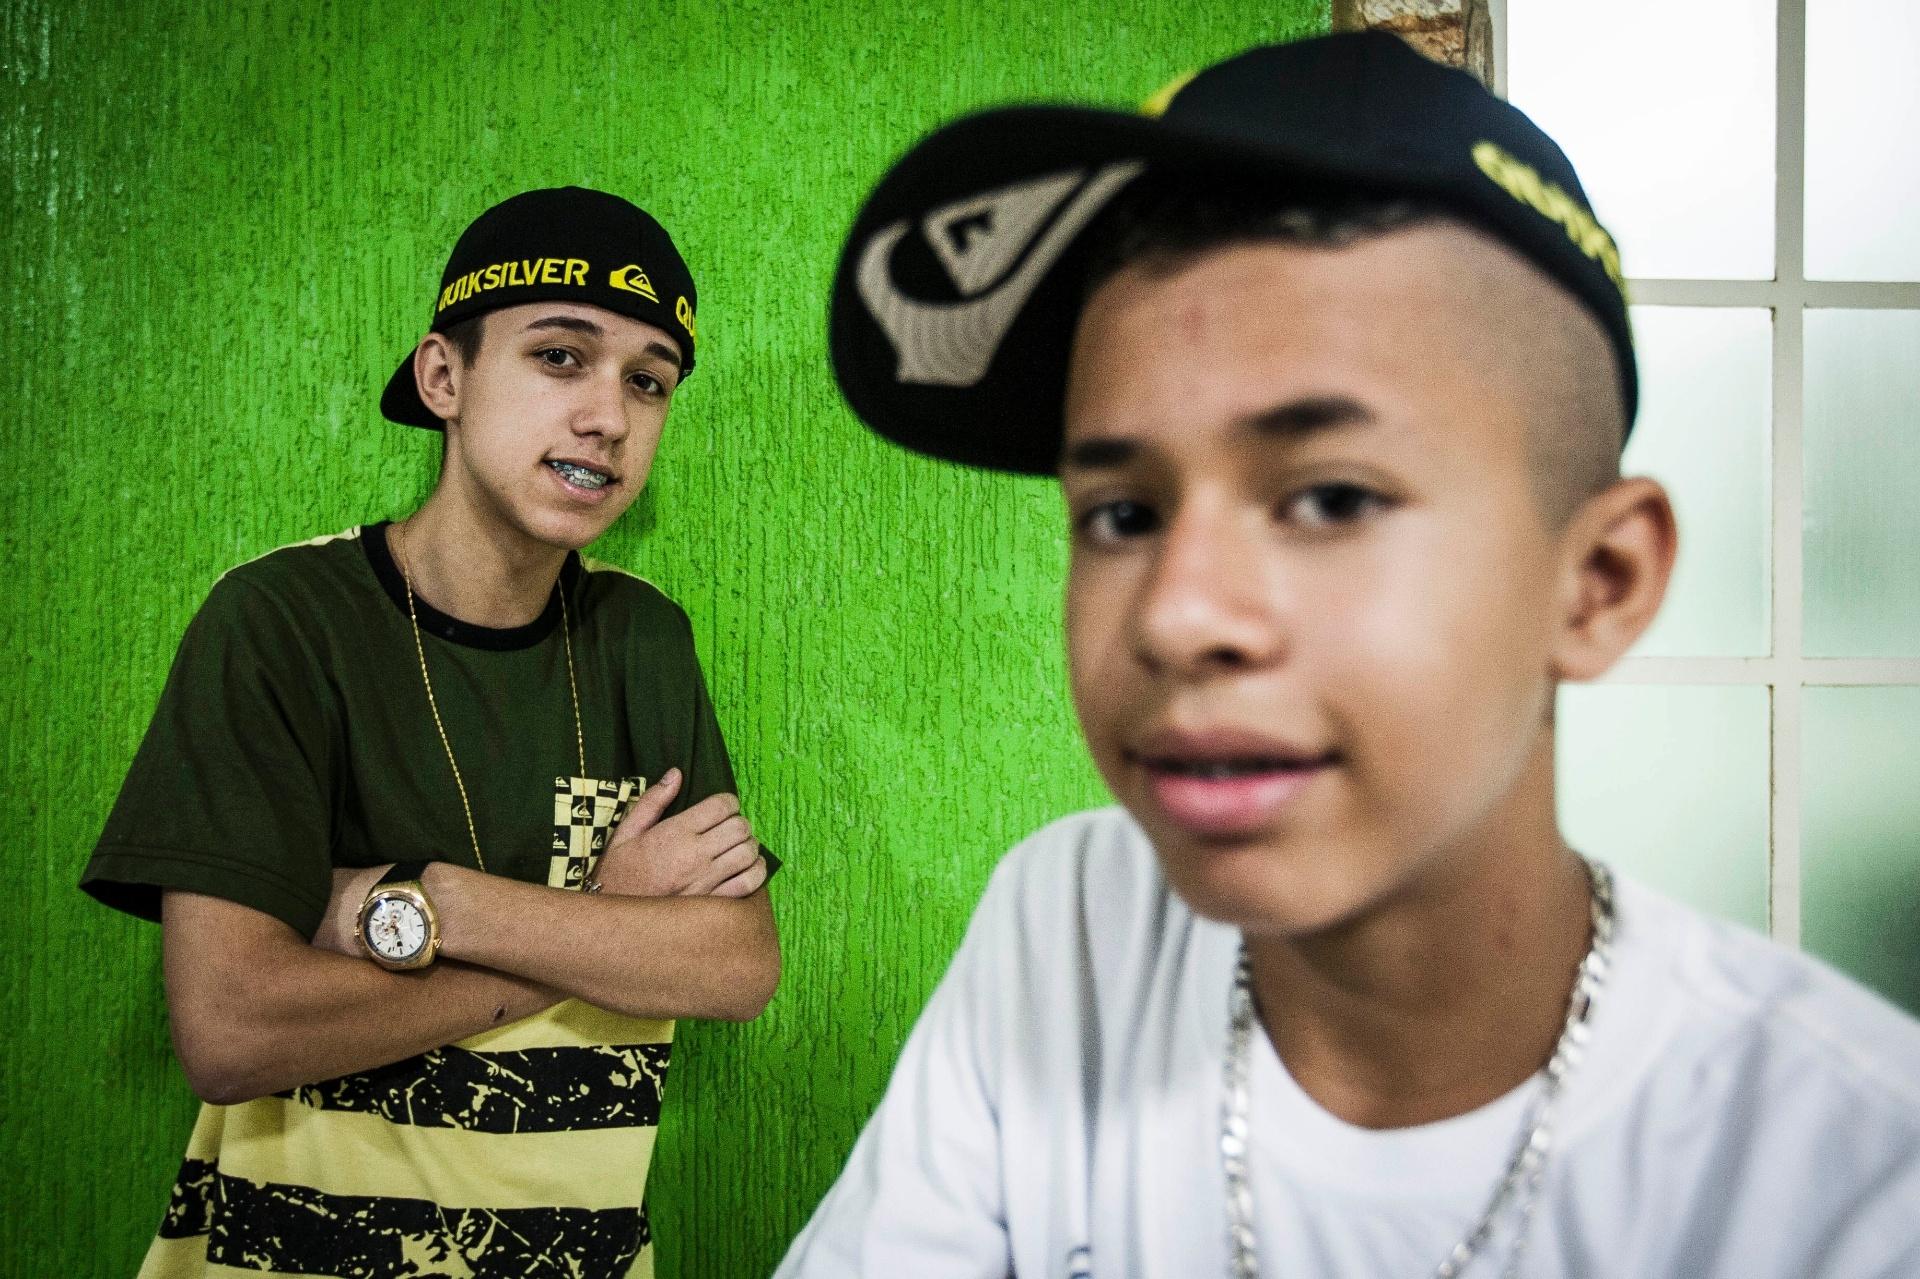 13.jan.2014 - Os amigos Rodrigo Maciel, 16, (camisa verde) e David Maciel, 13, (camiseta branca) são conhecido por serem